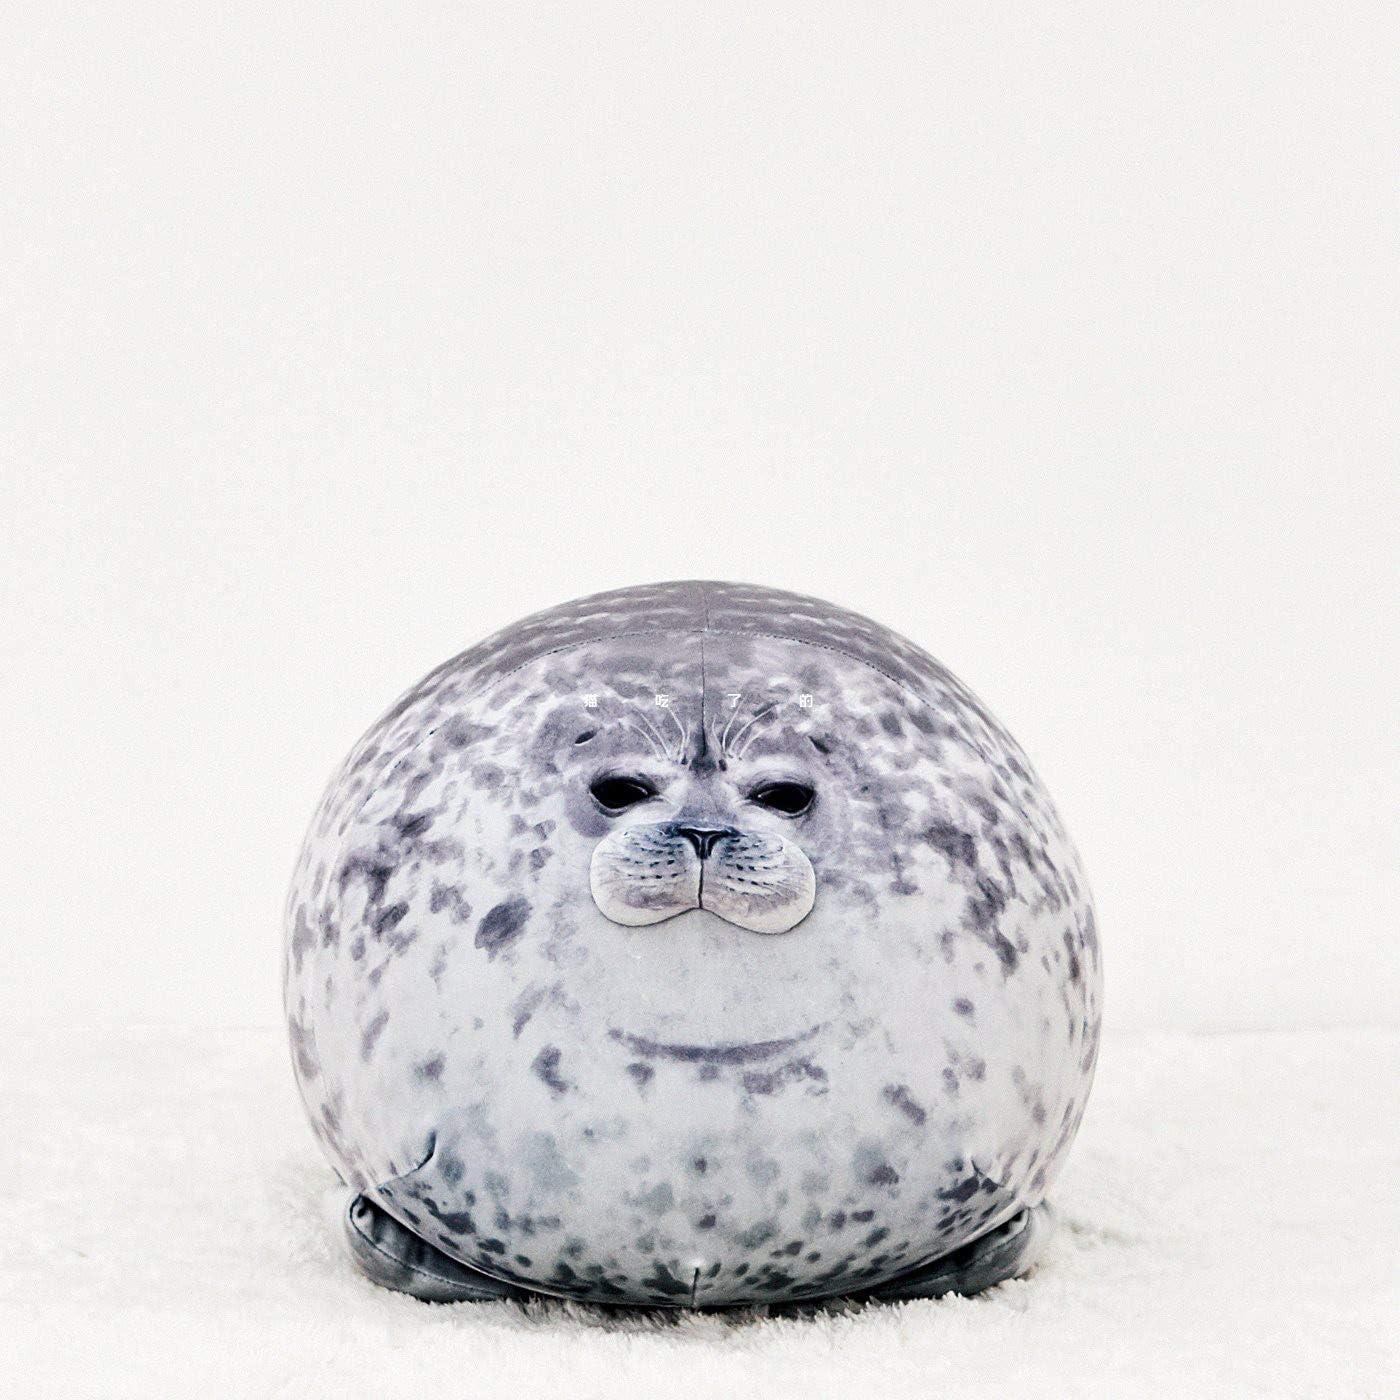 suxiaopei Cuscino di Tenuta Museo Haiyou Popolare Cuscino di foca Morbido Acquario Peluche Giocattolo 30cm0.2kg Sigillo